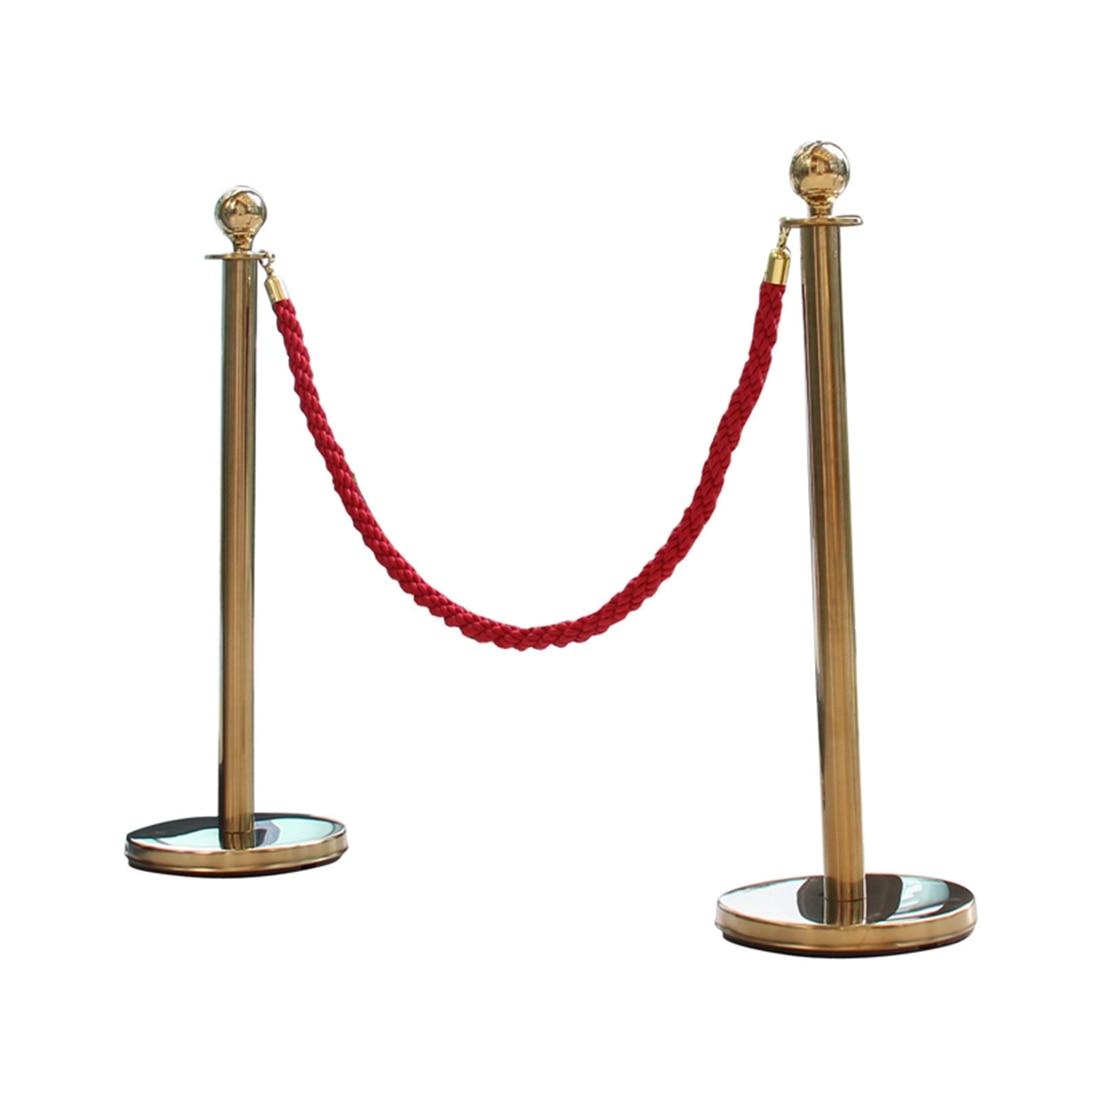 Mool 2 X Messing Warteschlange Barriere Beiträge Sicherheit Stanchion Seil Teiler Stahl Set Gold Das Ganze System StäRken Und StäRken Arbeitsplatz Sicherheit Liefert Safety Cones